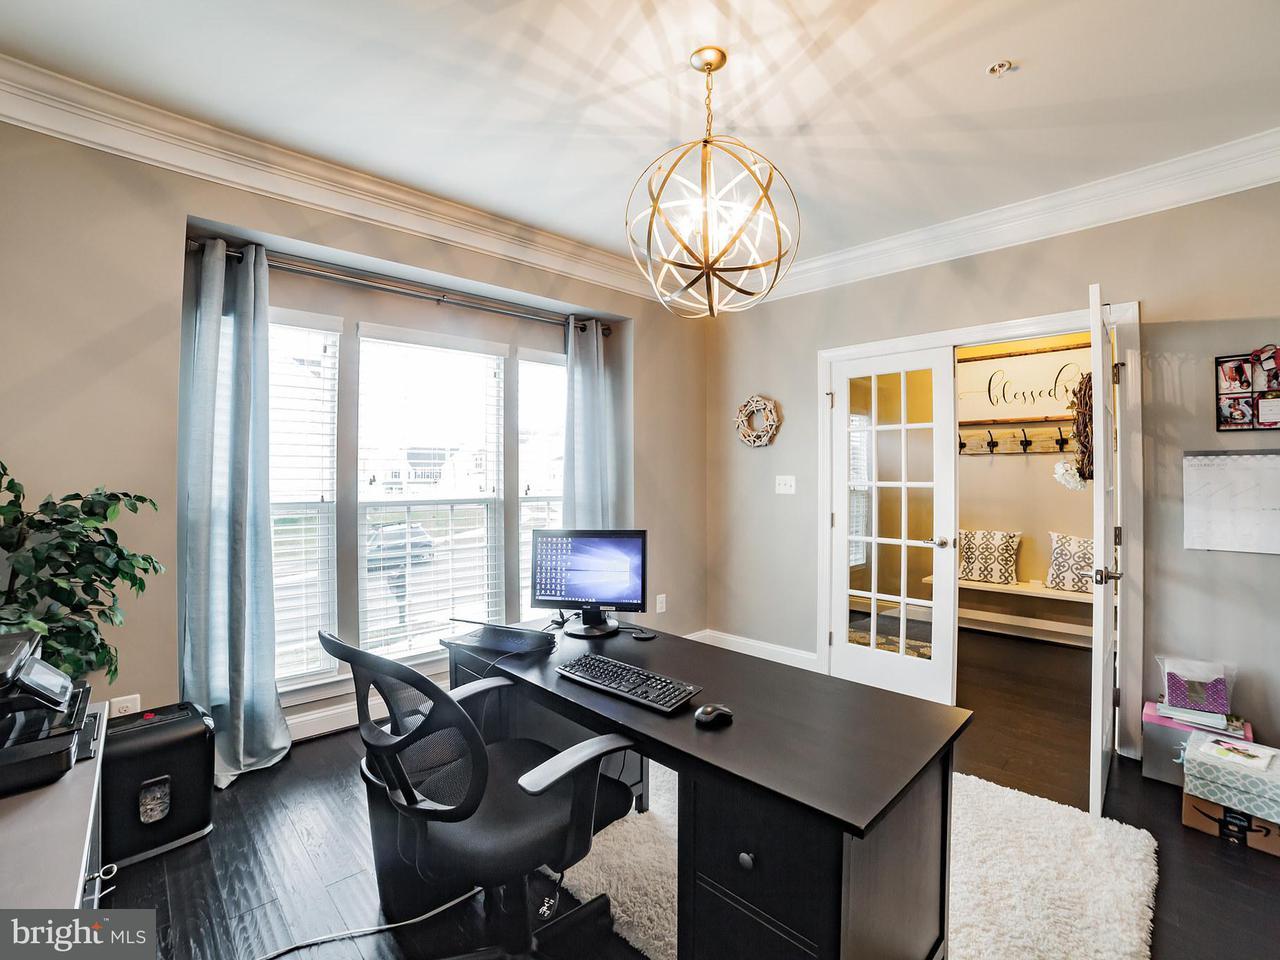 独户住宅 为 销售 在 11532 Autumn Terrace Drive 11532 Autumn Terrace Drive White Marsh, 马里兰州 21162 美国